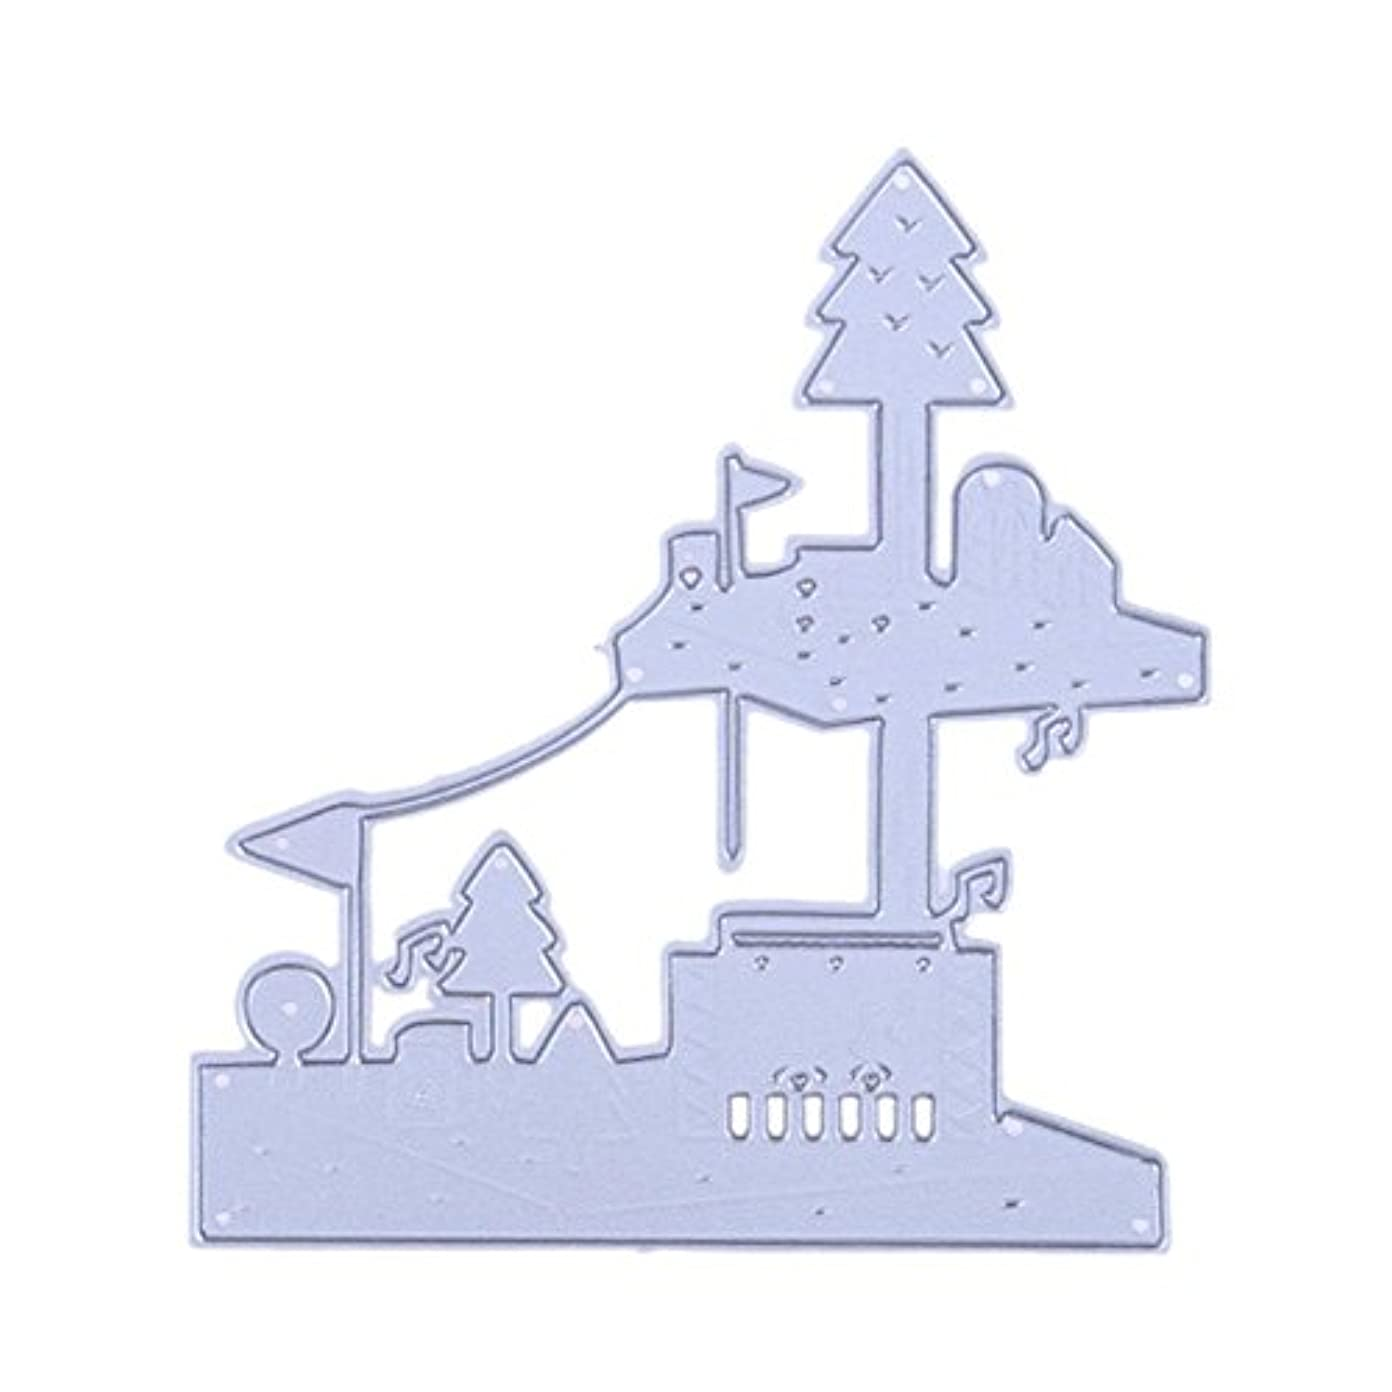 ドアミラーひいきにするパッケージダイカットテンプレート 描画テンプレート エンボスステンシル カッティング 炭素鋼製 DIY 切削 手作り スクラップブッキング ペーパー アート ノート 手帳用 93.00 * 85.00 * 10.00mm Macrorunjp